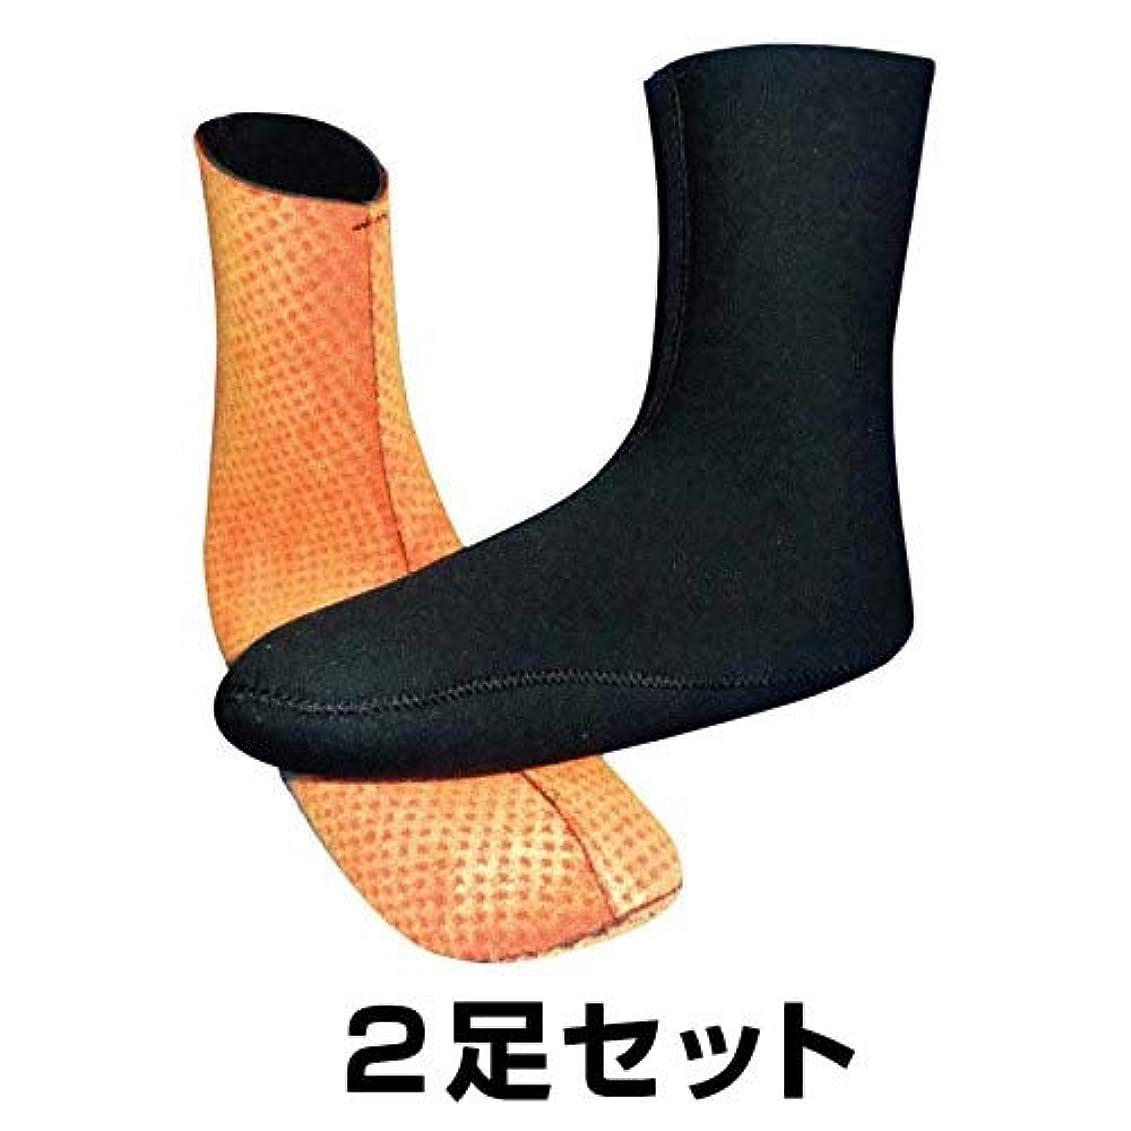 リベラルボーナス麻痺させるクロッツ あったかソックスM(25cm)【2足セット】